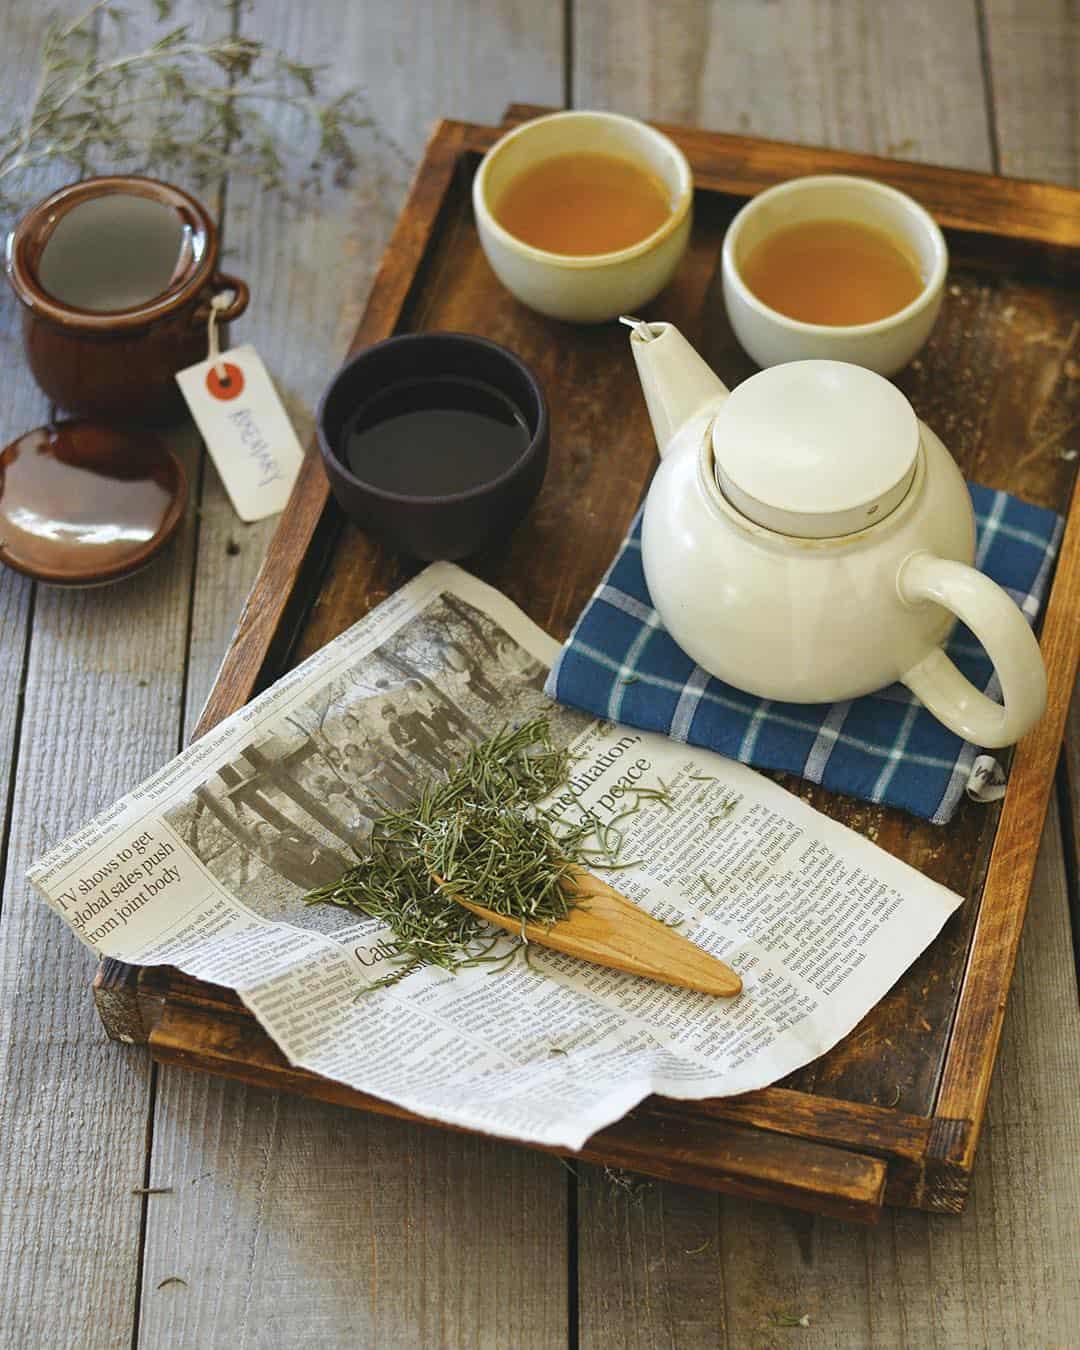 เซ็ท เซรามิก น้ำชา ของ ญี่ปุ่น จาก Studio m'